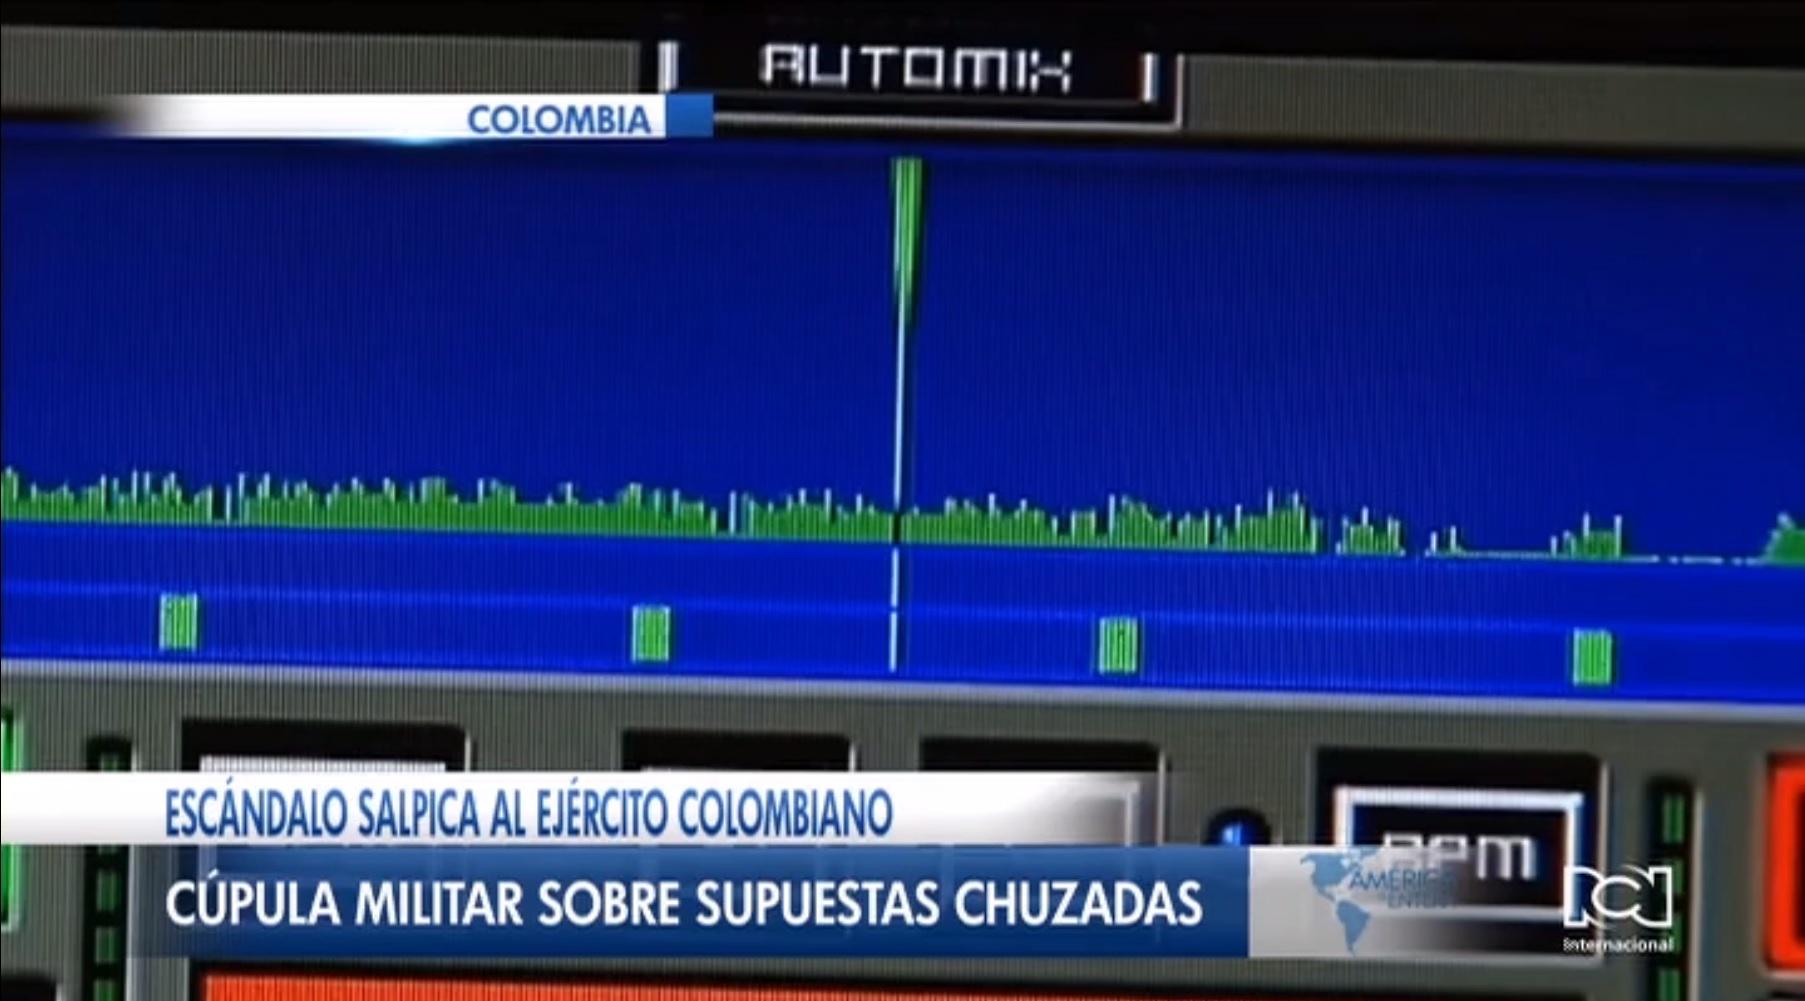 Piden auditoria para conocer el manejo de los organismos de inteligencia durante los últimos 10 años en Colombia